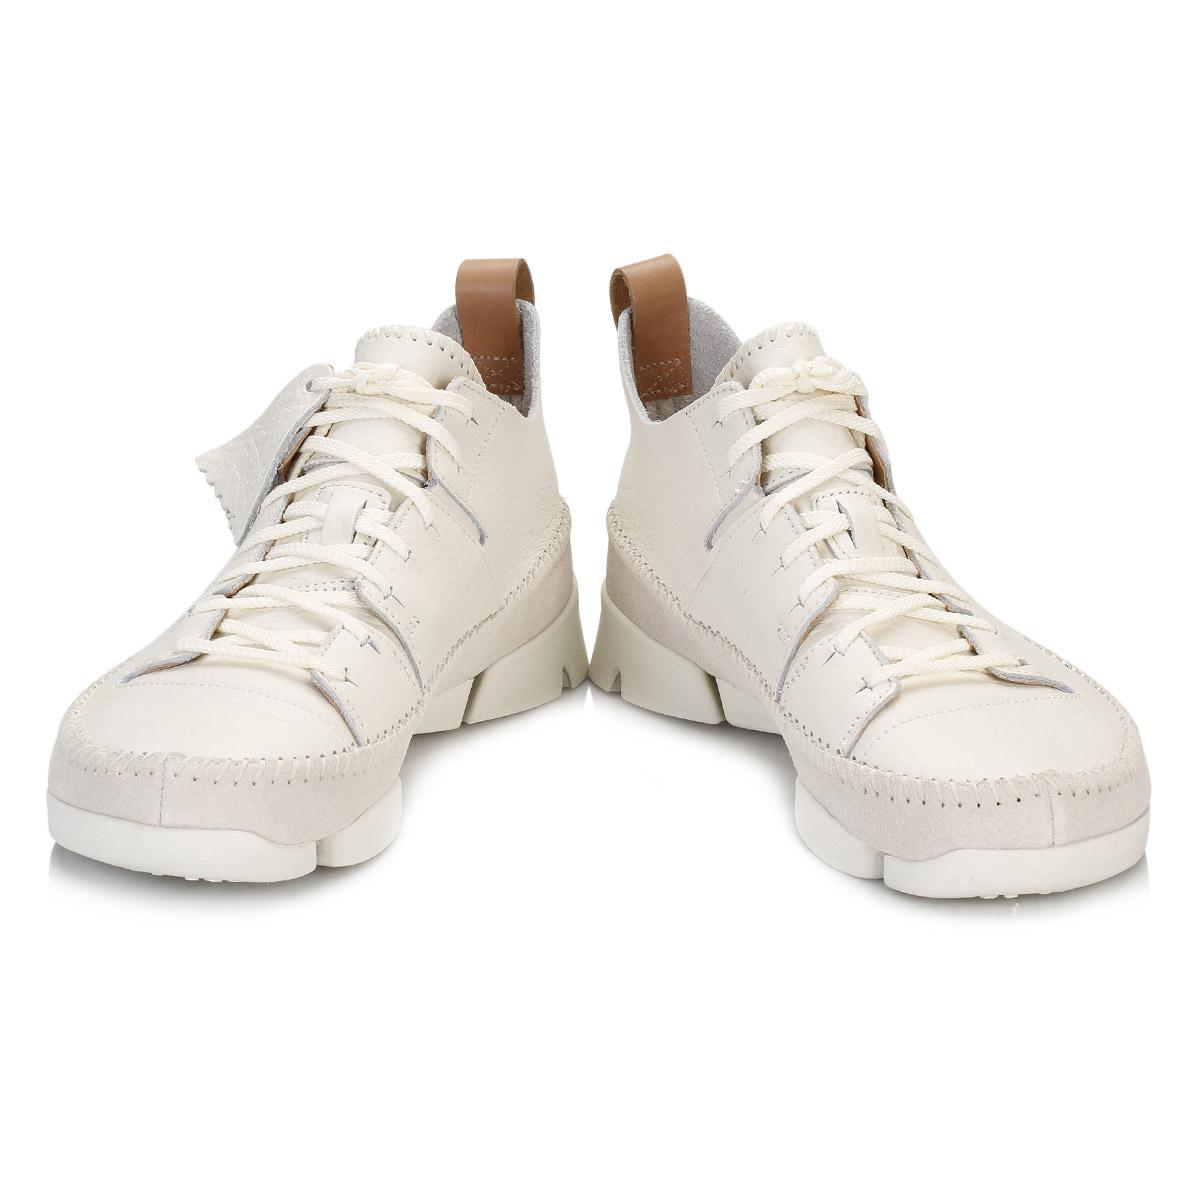 Clarks Trigenic 3 Flex Pour Homme Baskets, 3 Trigenic couleurs Nubuck ou Cuir, Chaussures de loisirs- 50fe86